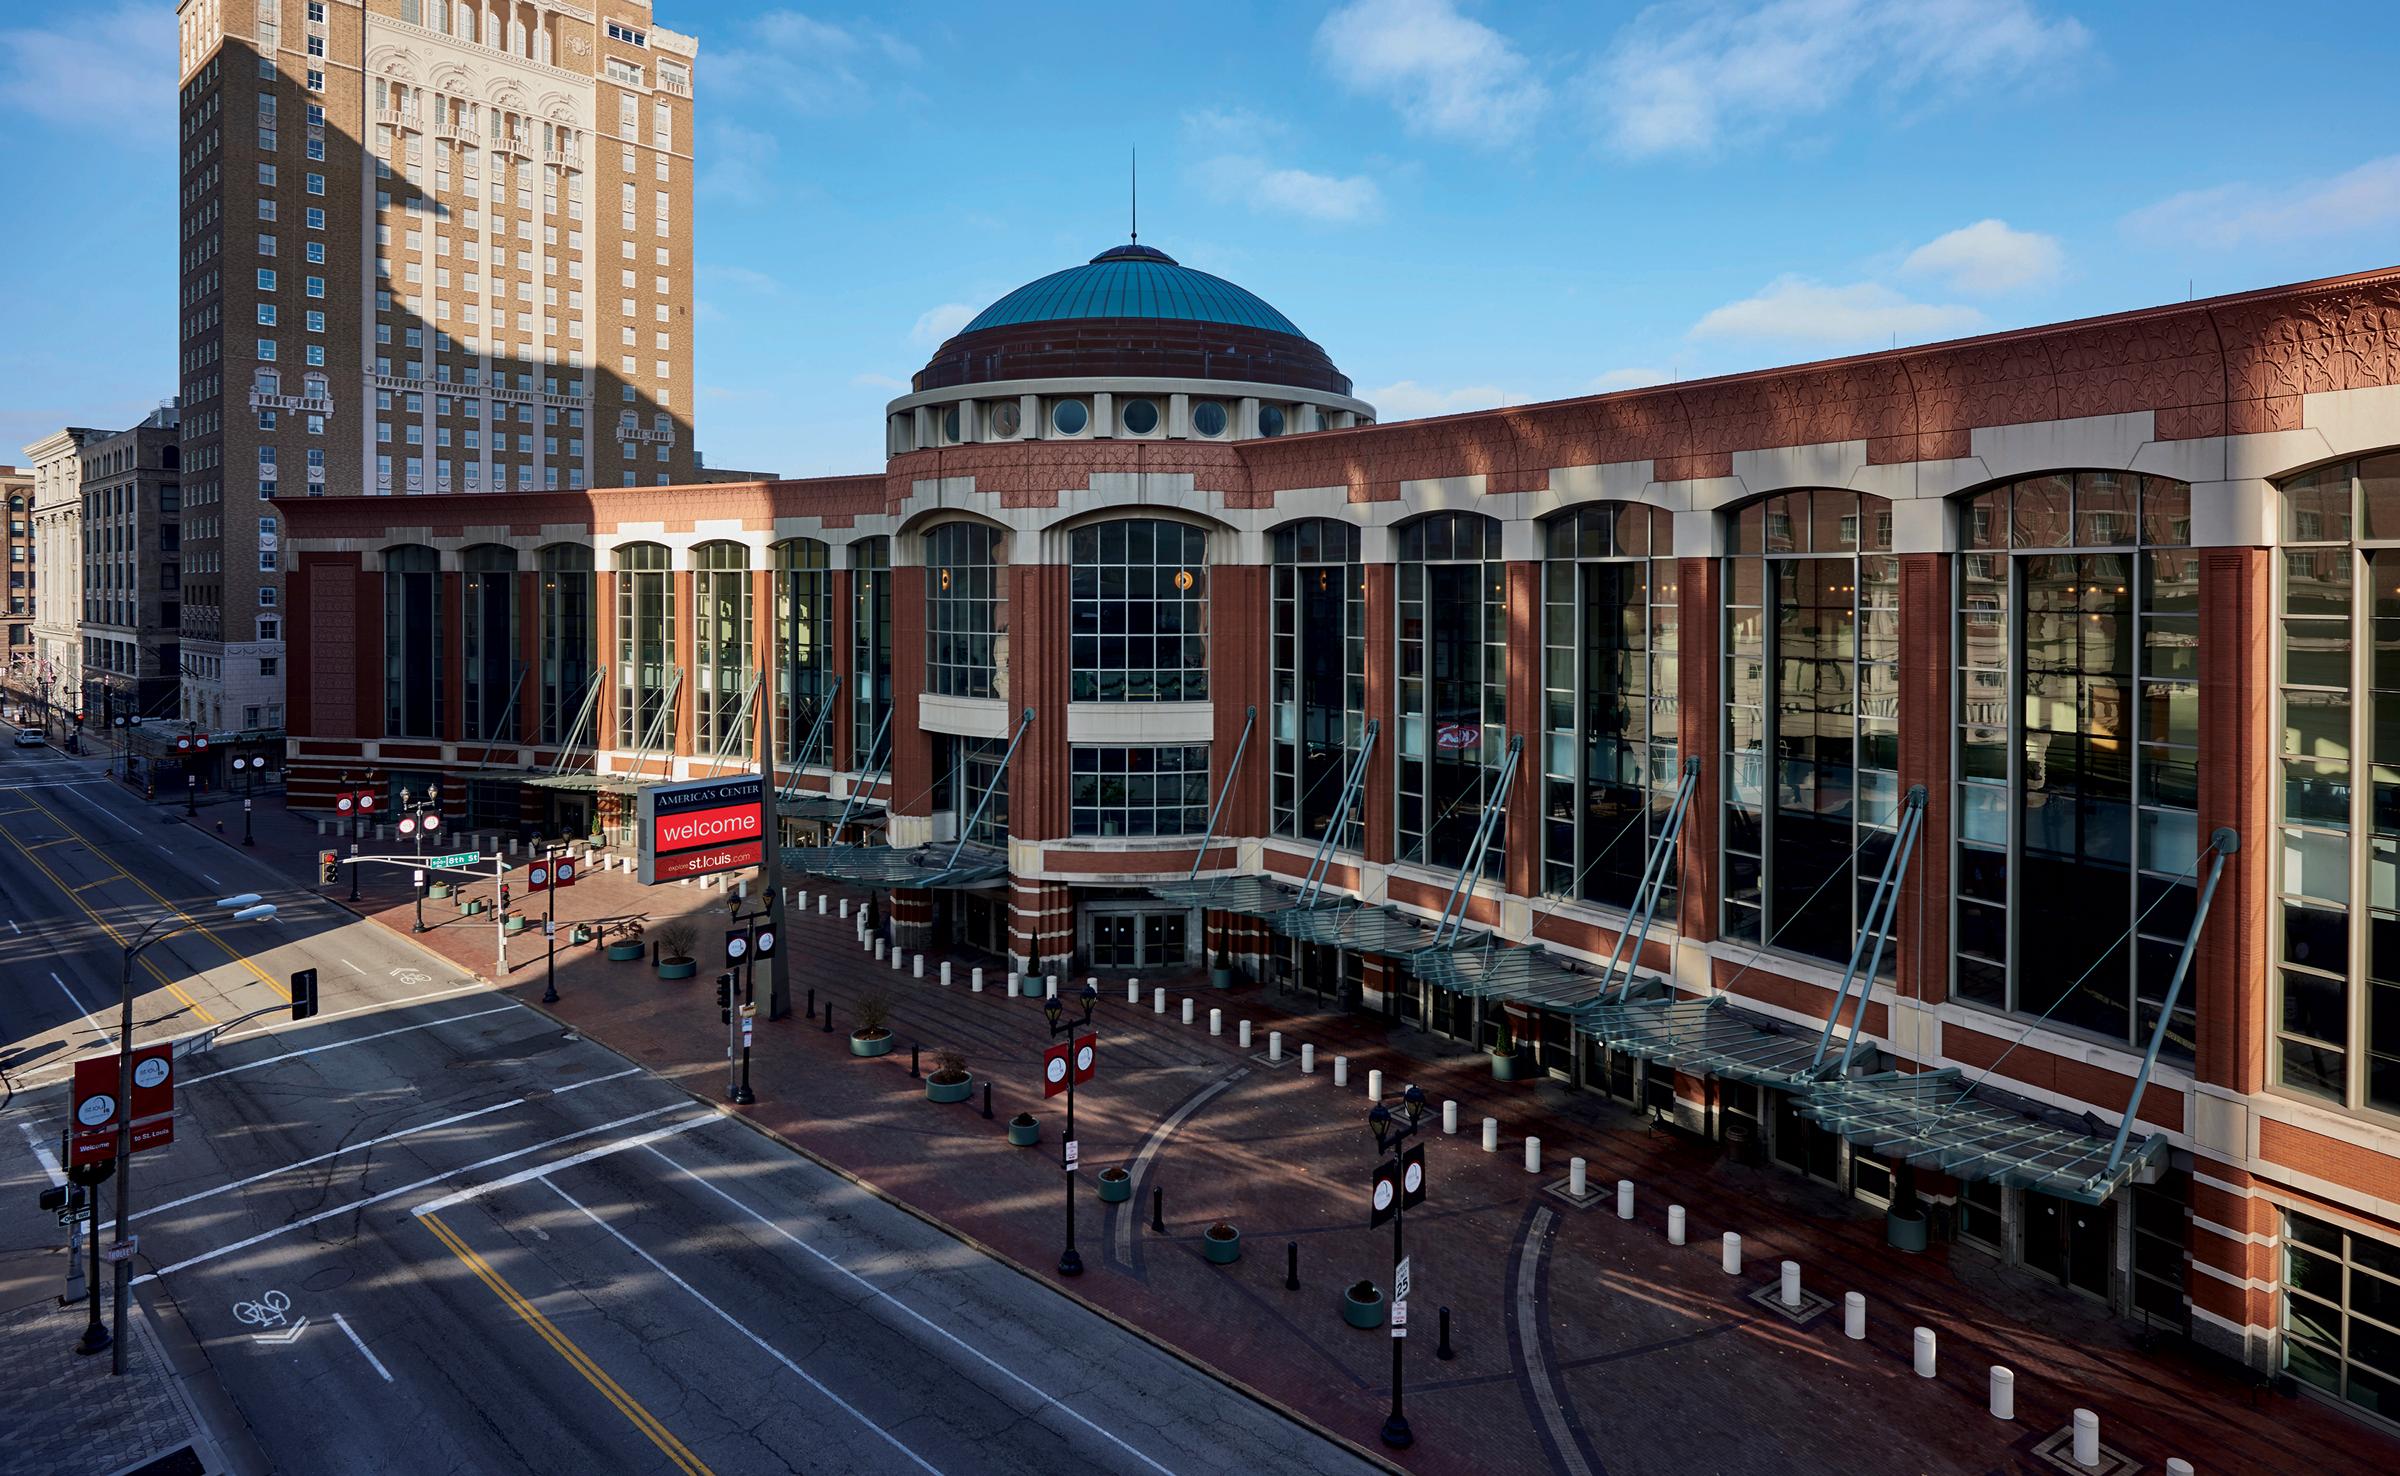 L'Eglise Méthodiste Unie organisera une session extraordinaire de la Conférence Générale du 23 au 26 février 2019 à St. Louis, dans le Missouri.